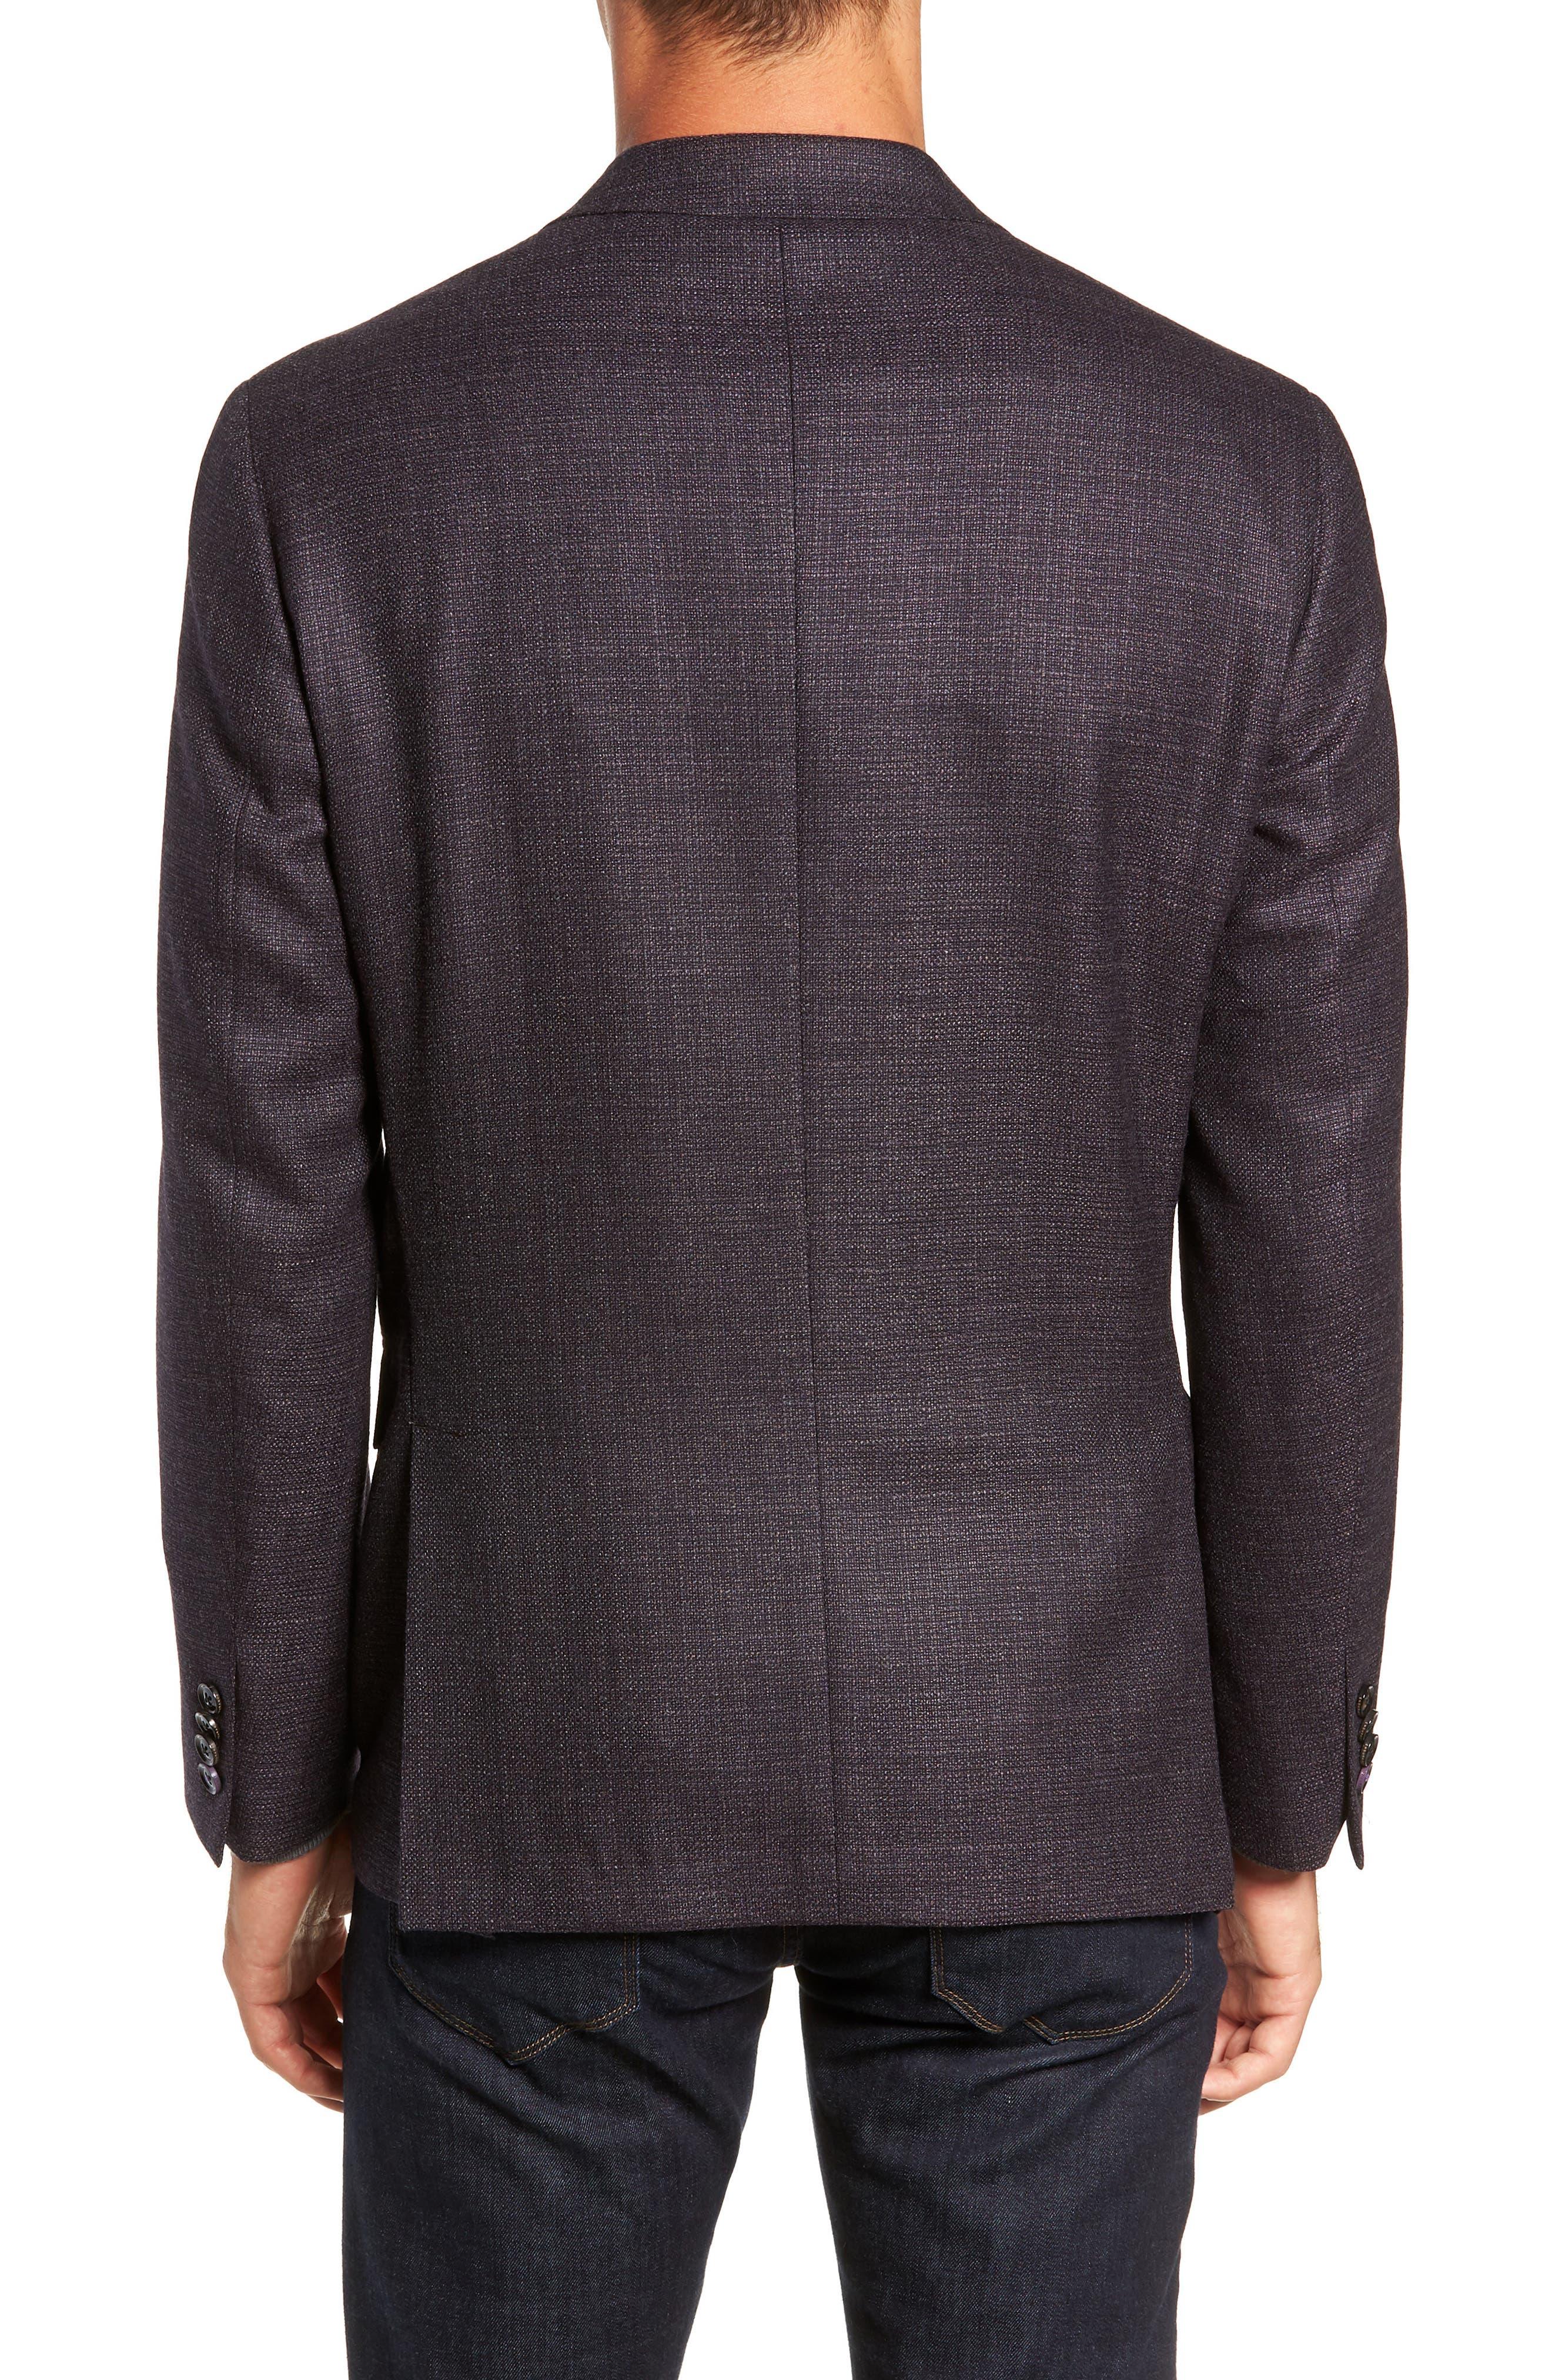 Konan 2B Trim Fit Wool Blazer,                             Alternate thumbnail 2, color,                             PLUM